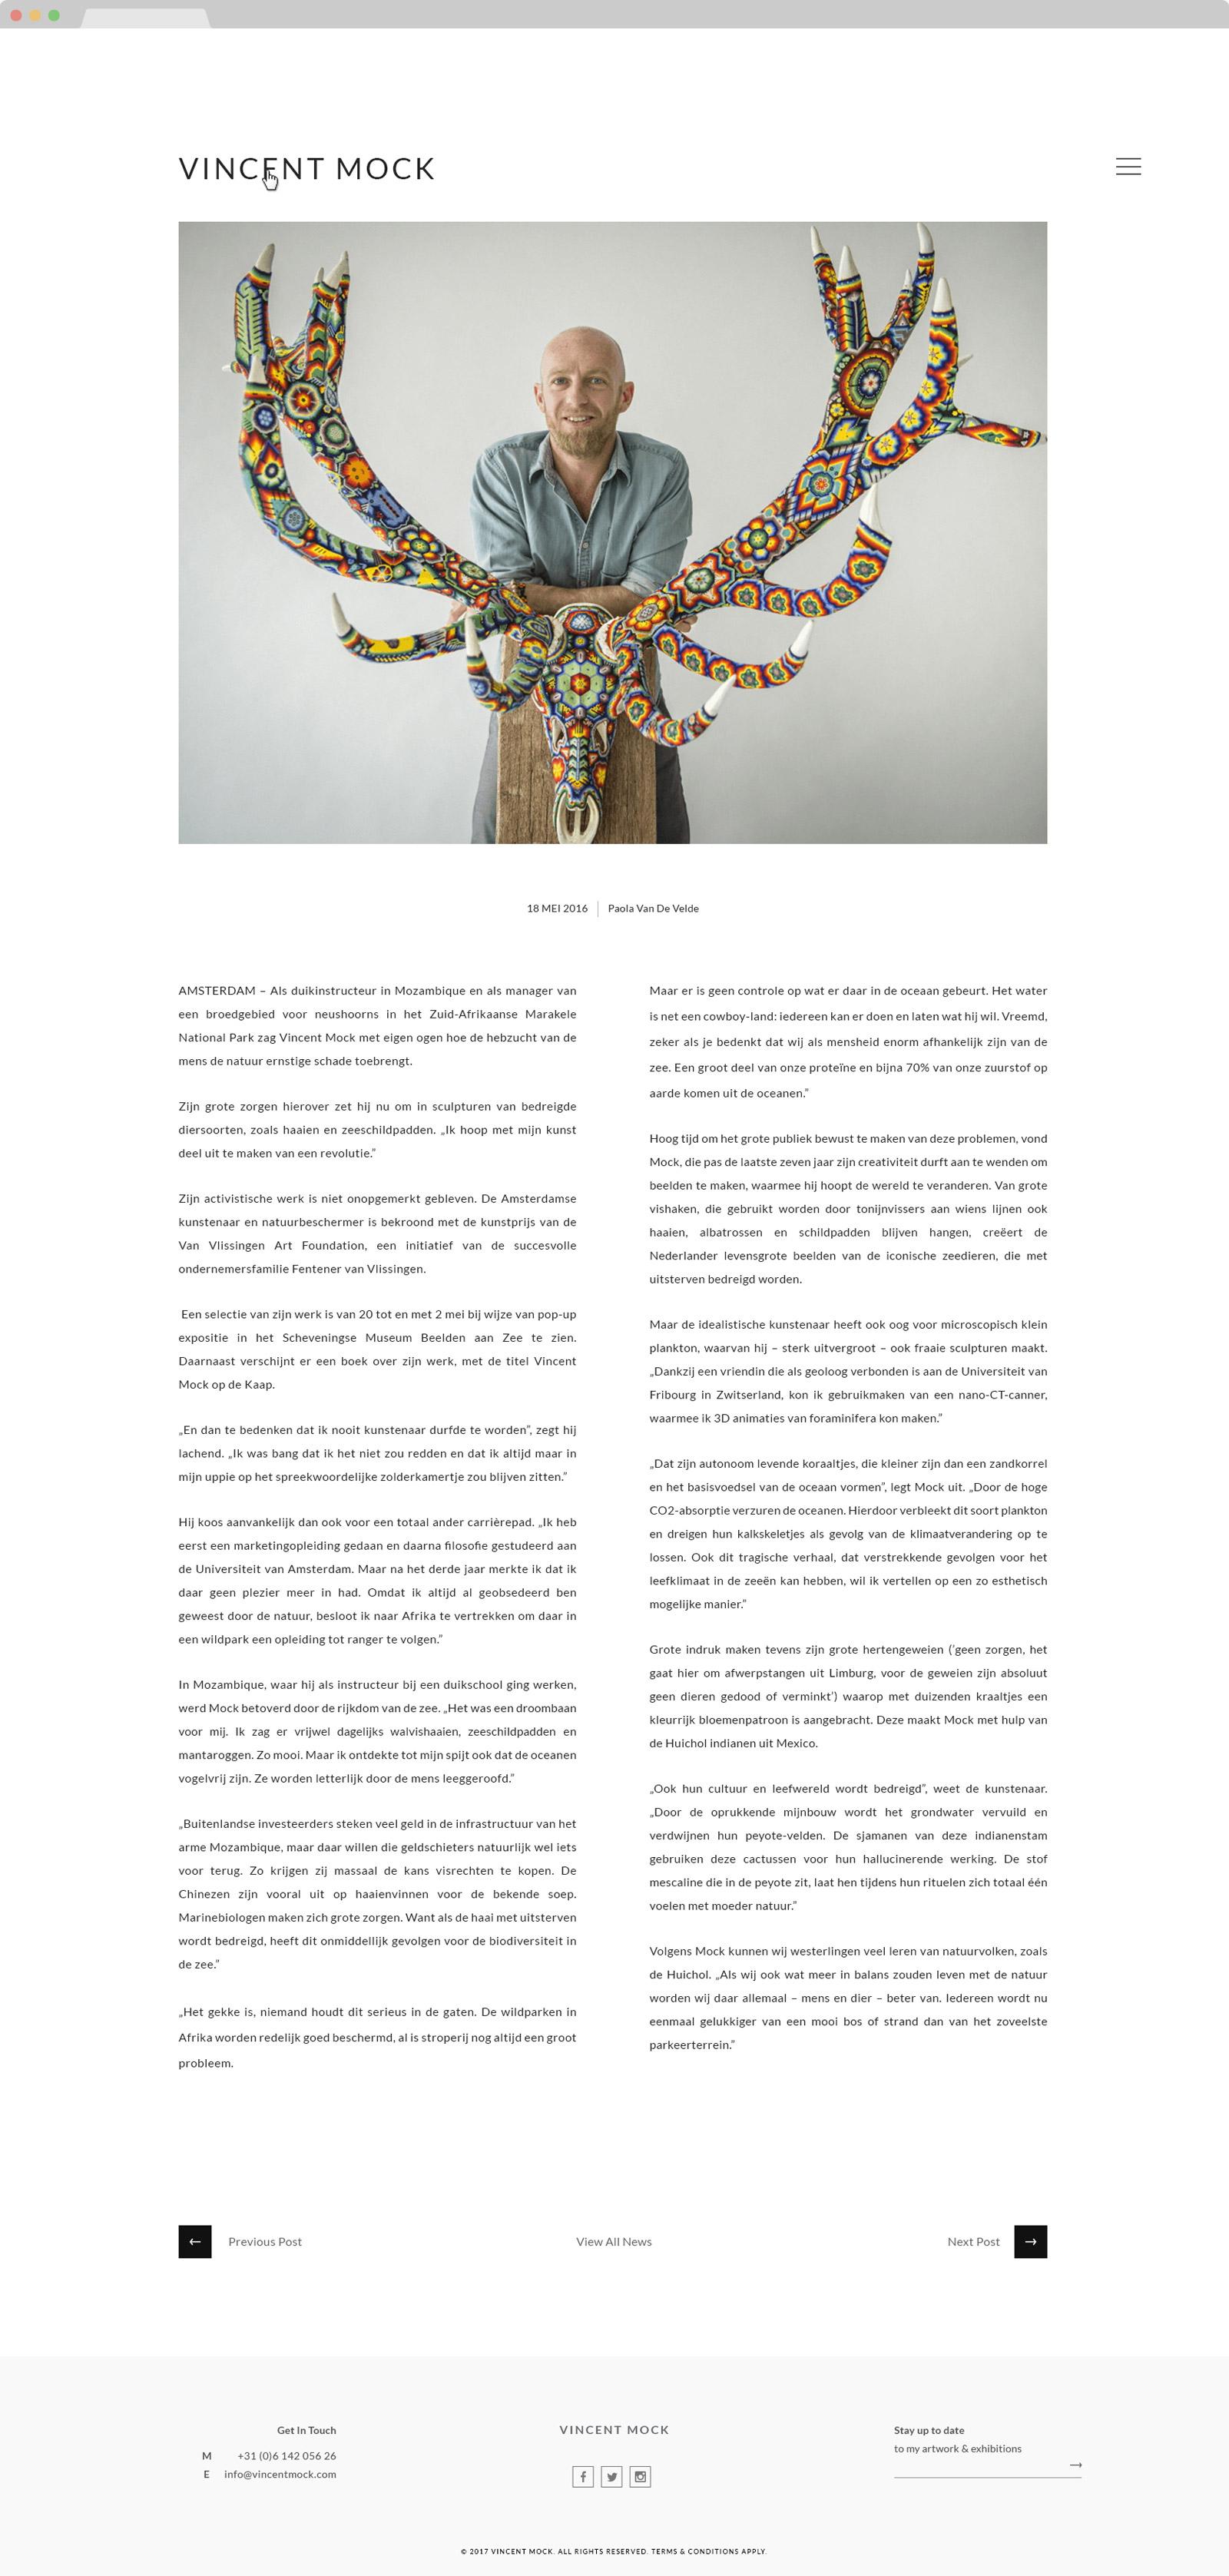 web design hk vincent mock 04